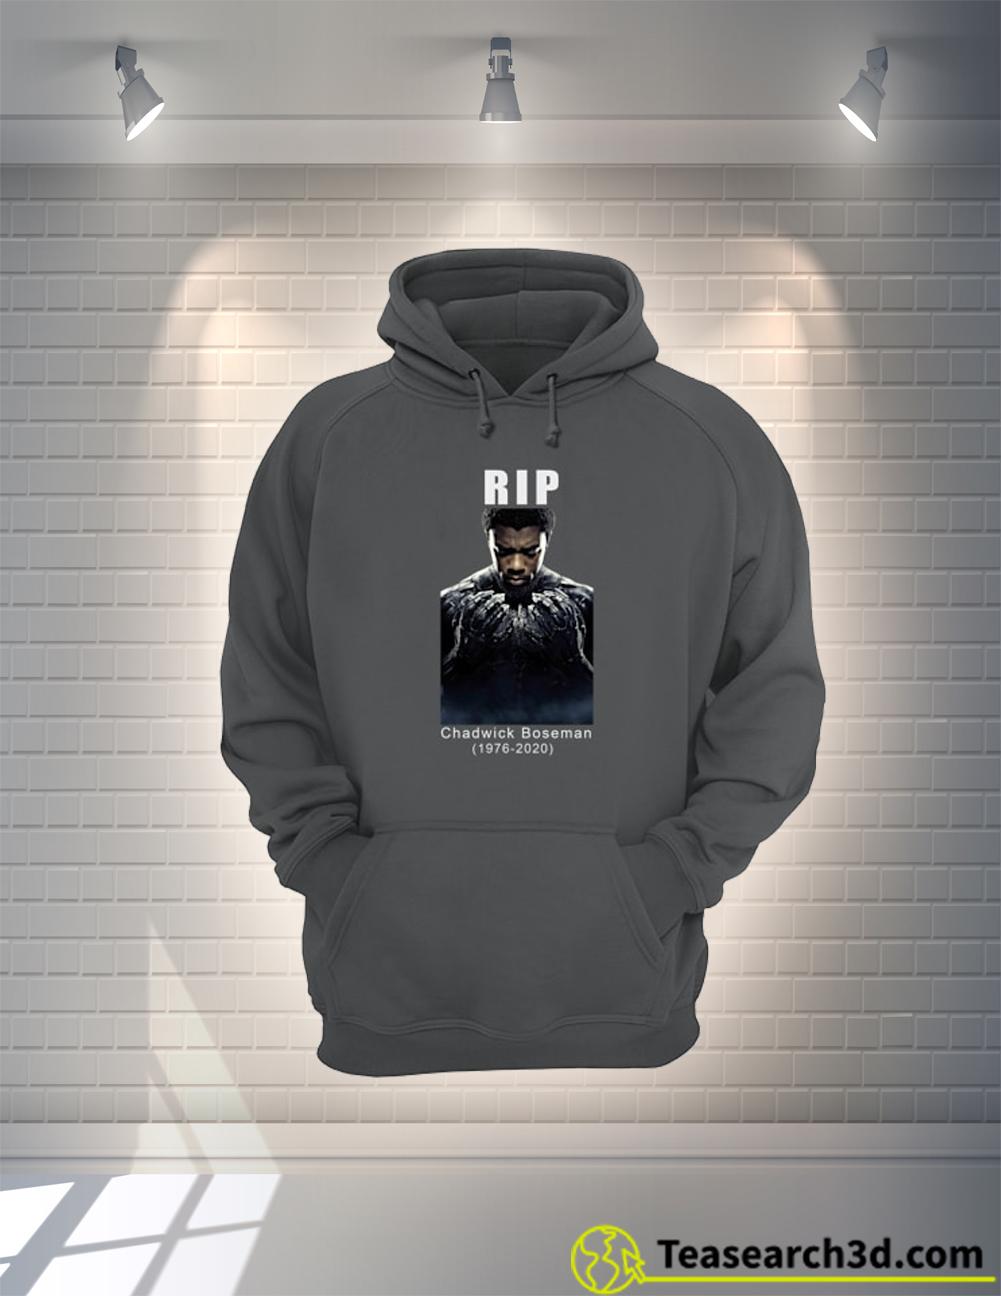 Rip Black Panther hoodie